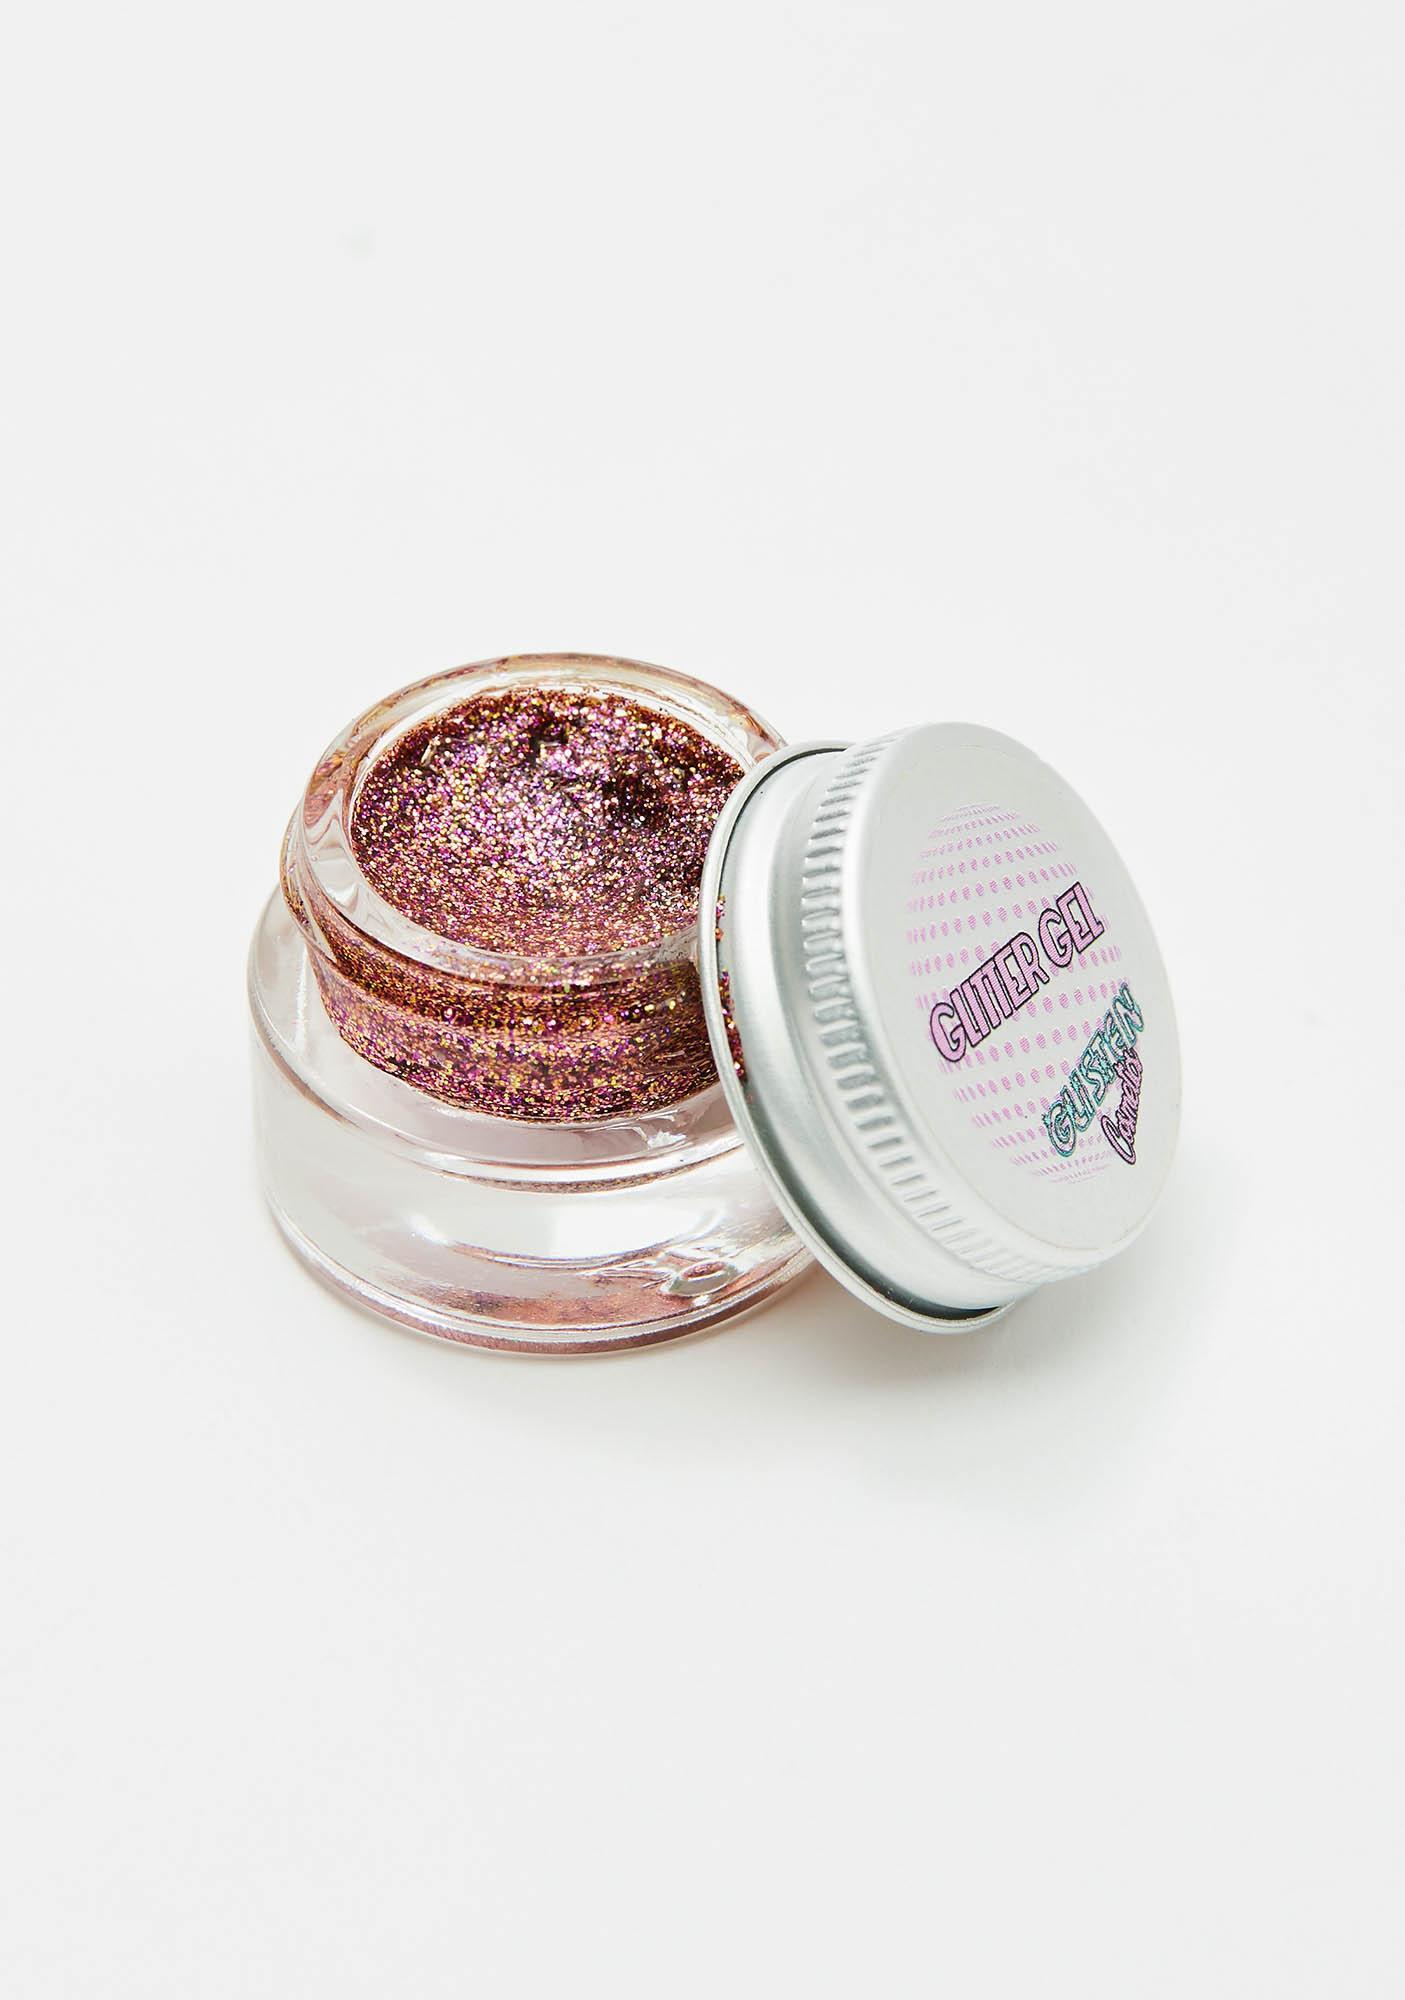 Glisten Cosmetics Celebrate Glitter Gel